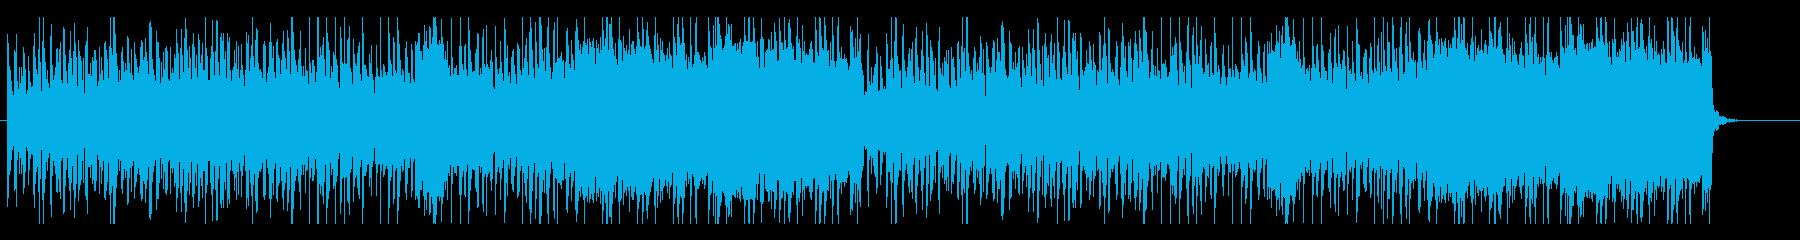 ポップで楽天的なバンドサウンドの再生済みの波形